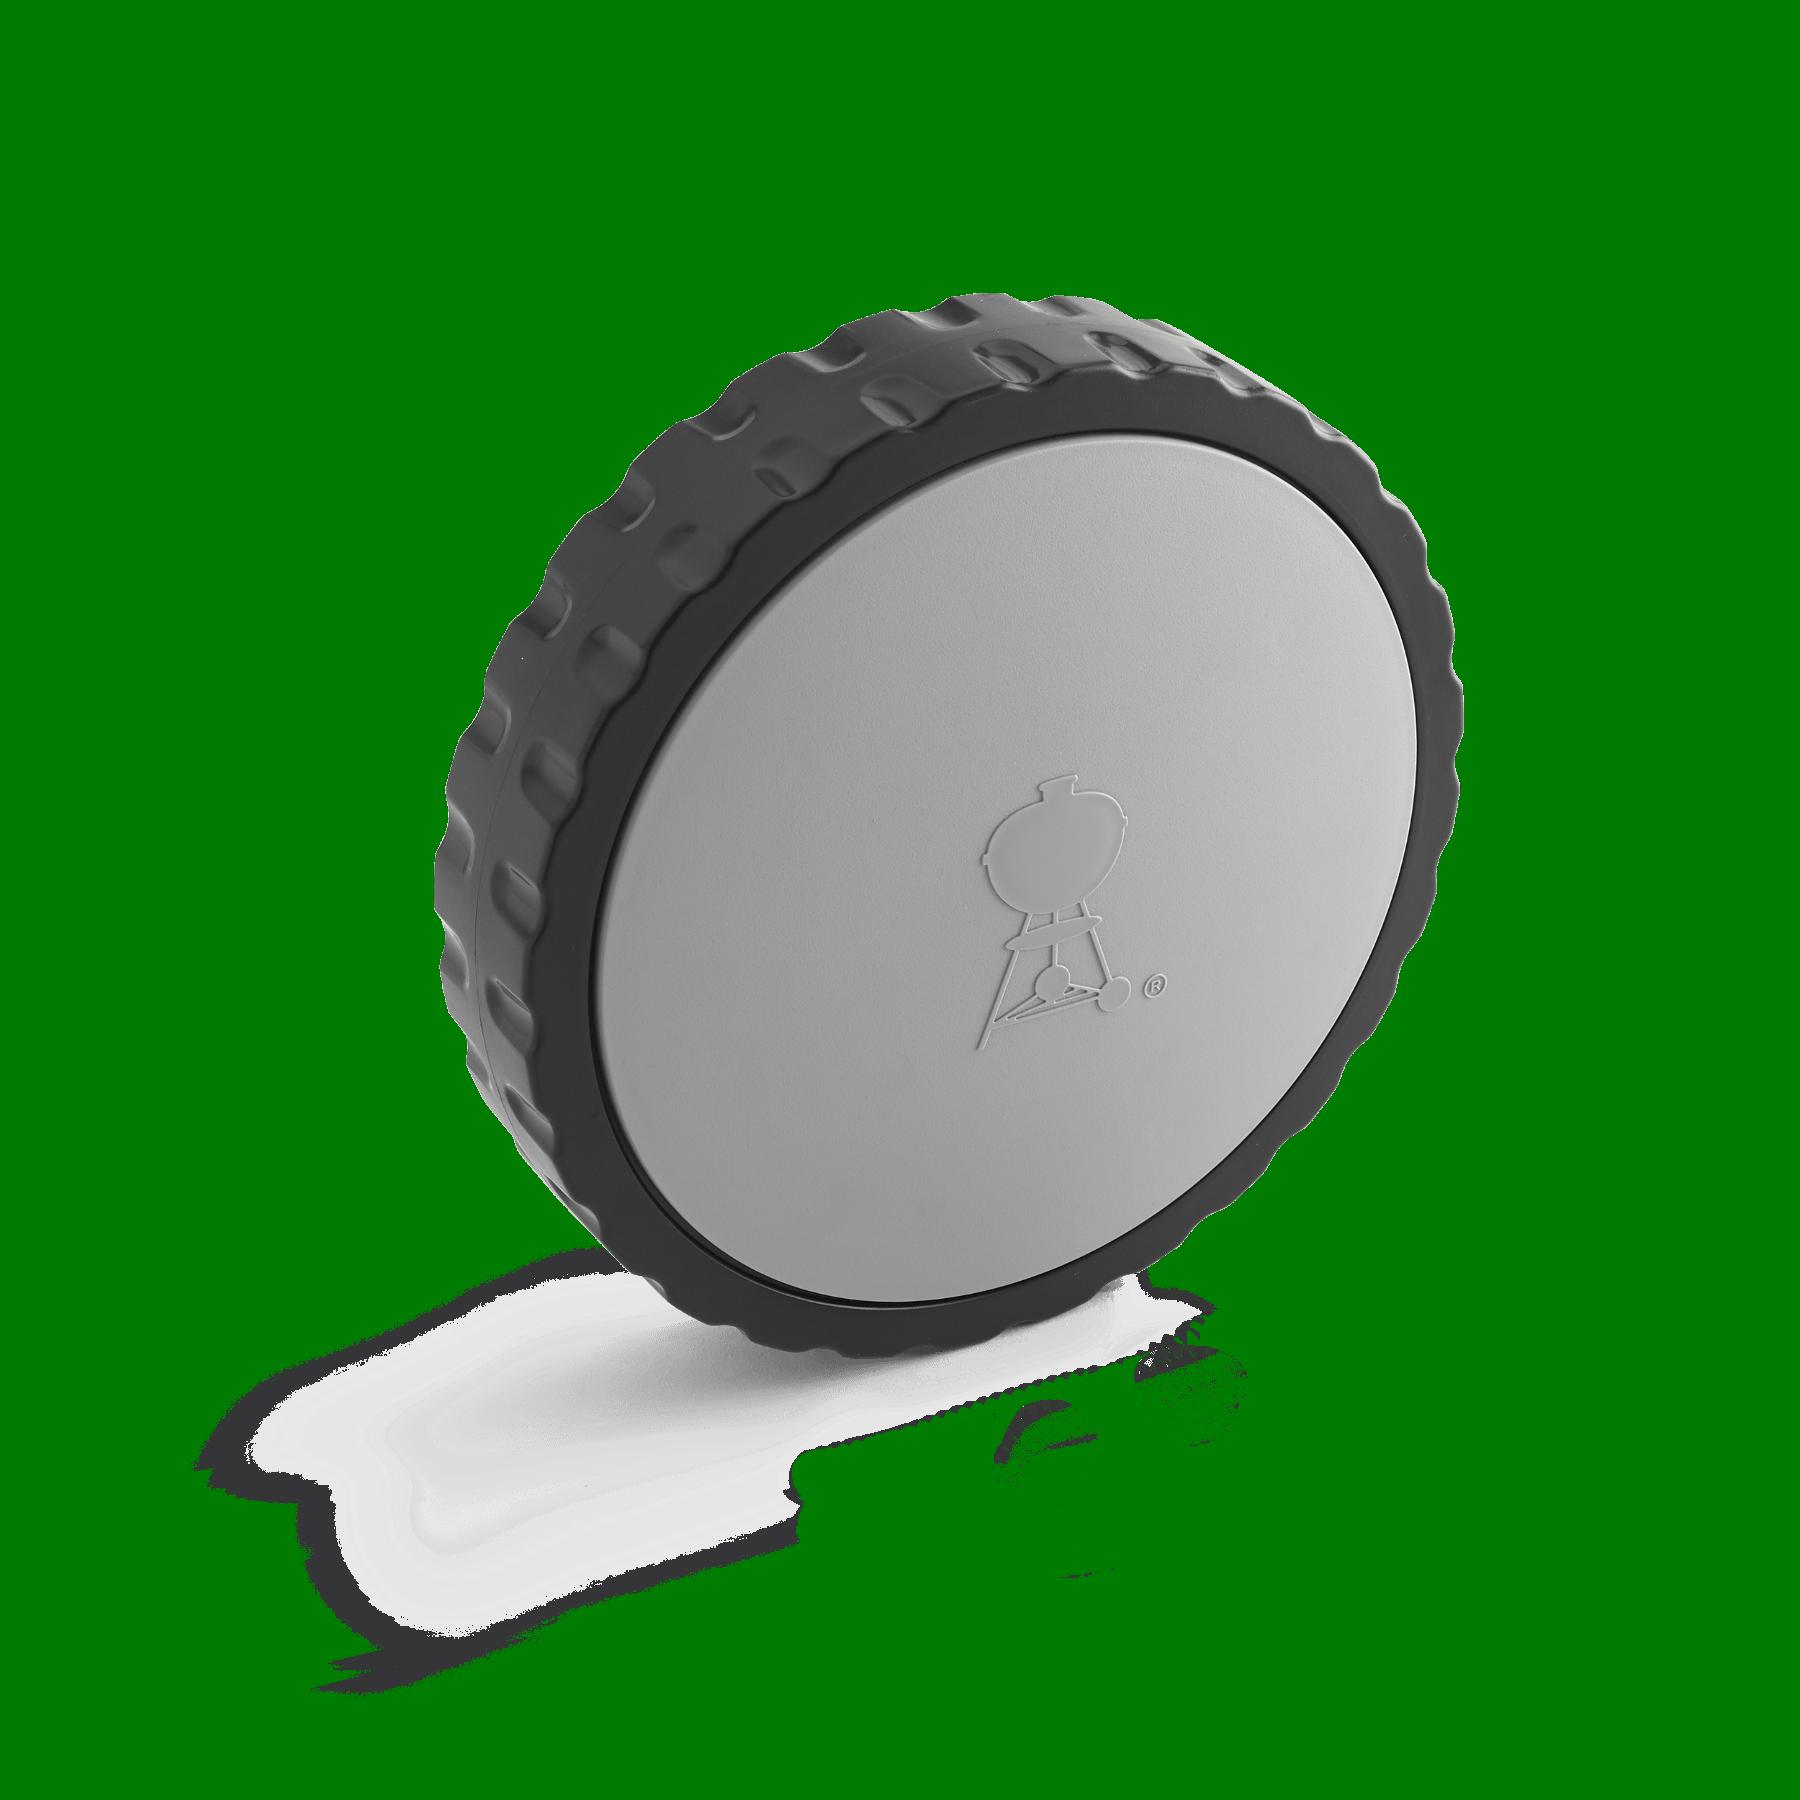 Hjul för kolgrill